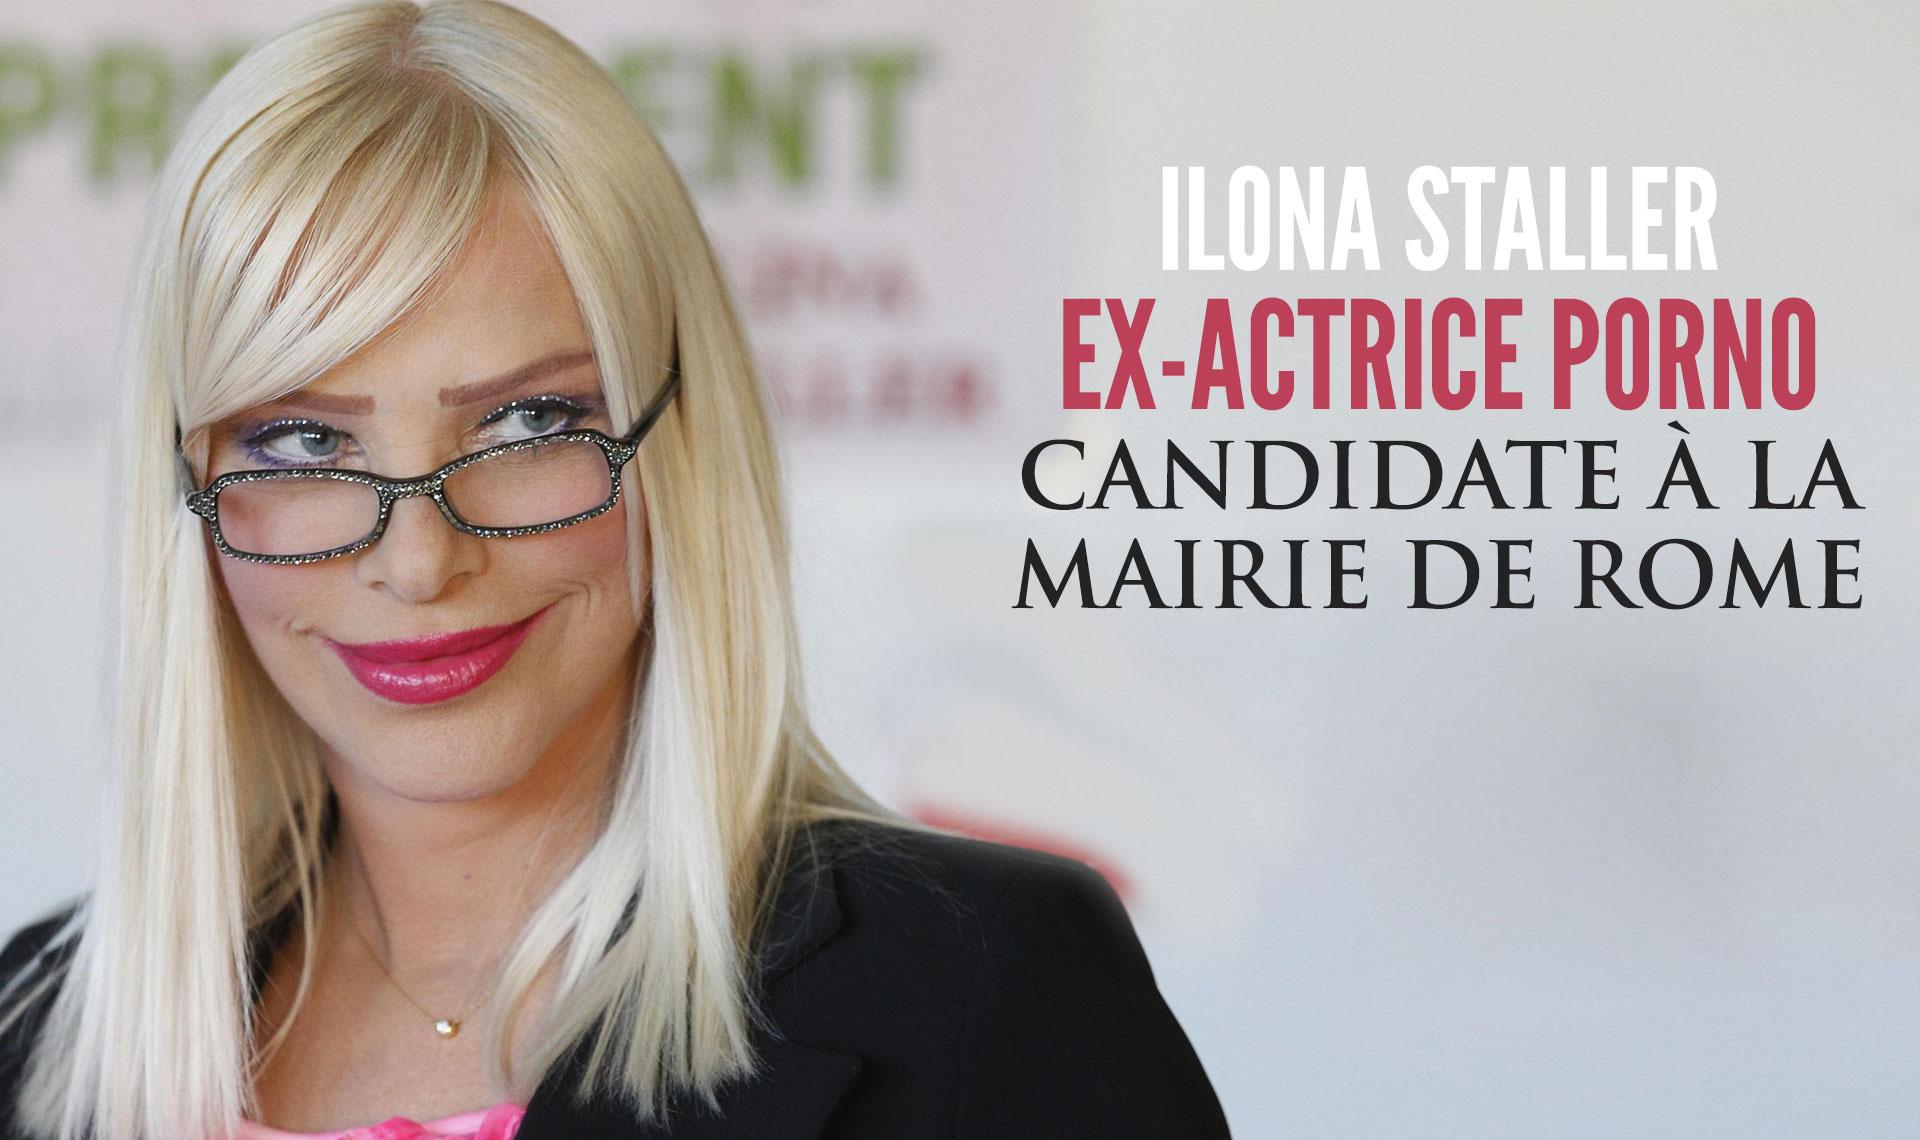 Celebrites Dans Le Porno top 10 des reconversions d'acteurs porno, que faire après